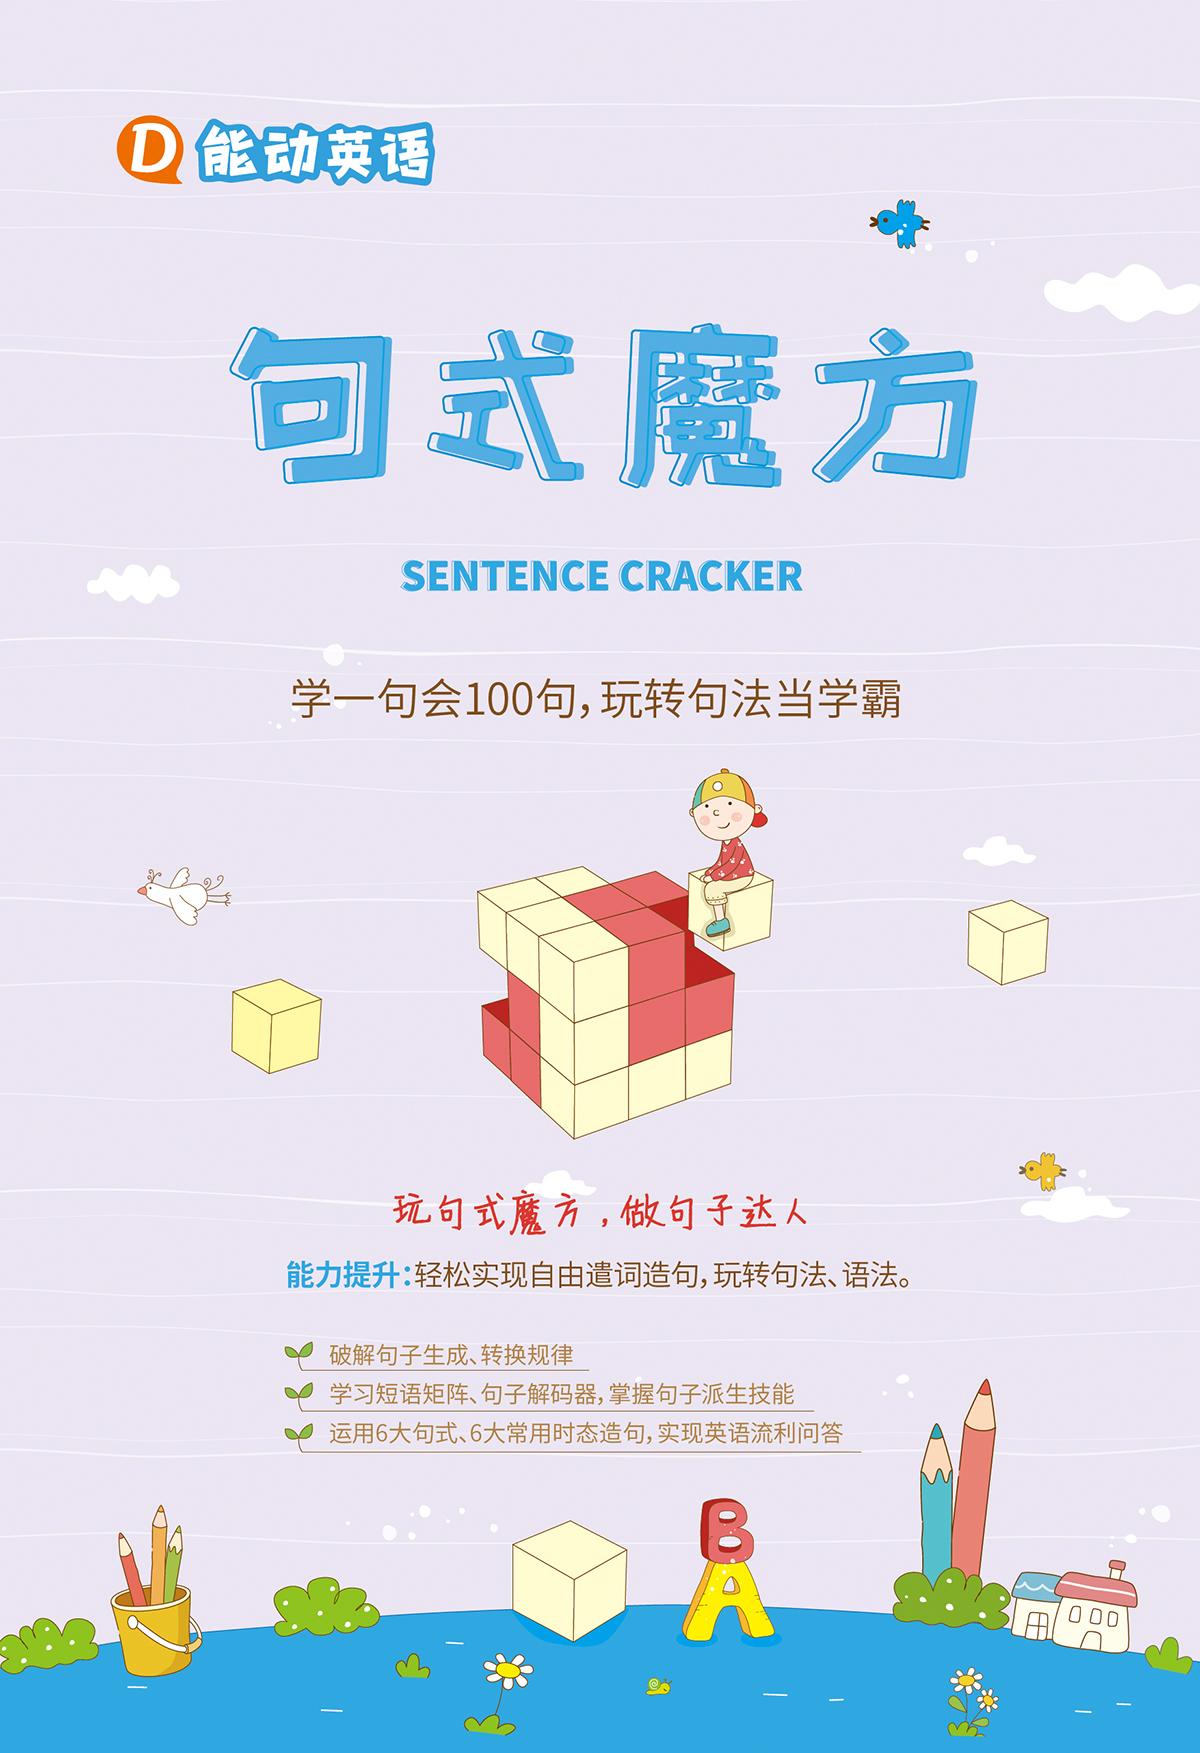 句式魔方学英语,化繁为简,学句式、语法更快捷,玩转句法当学霸